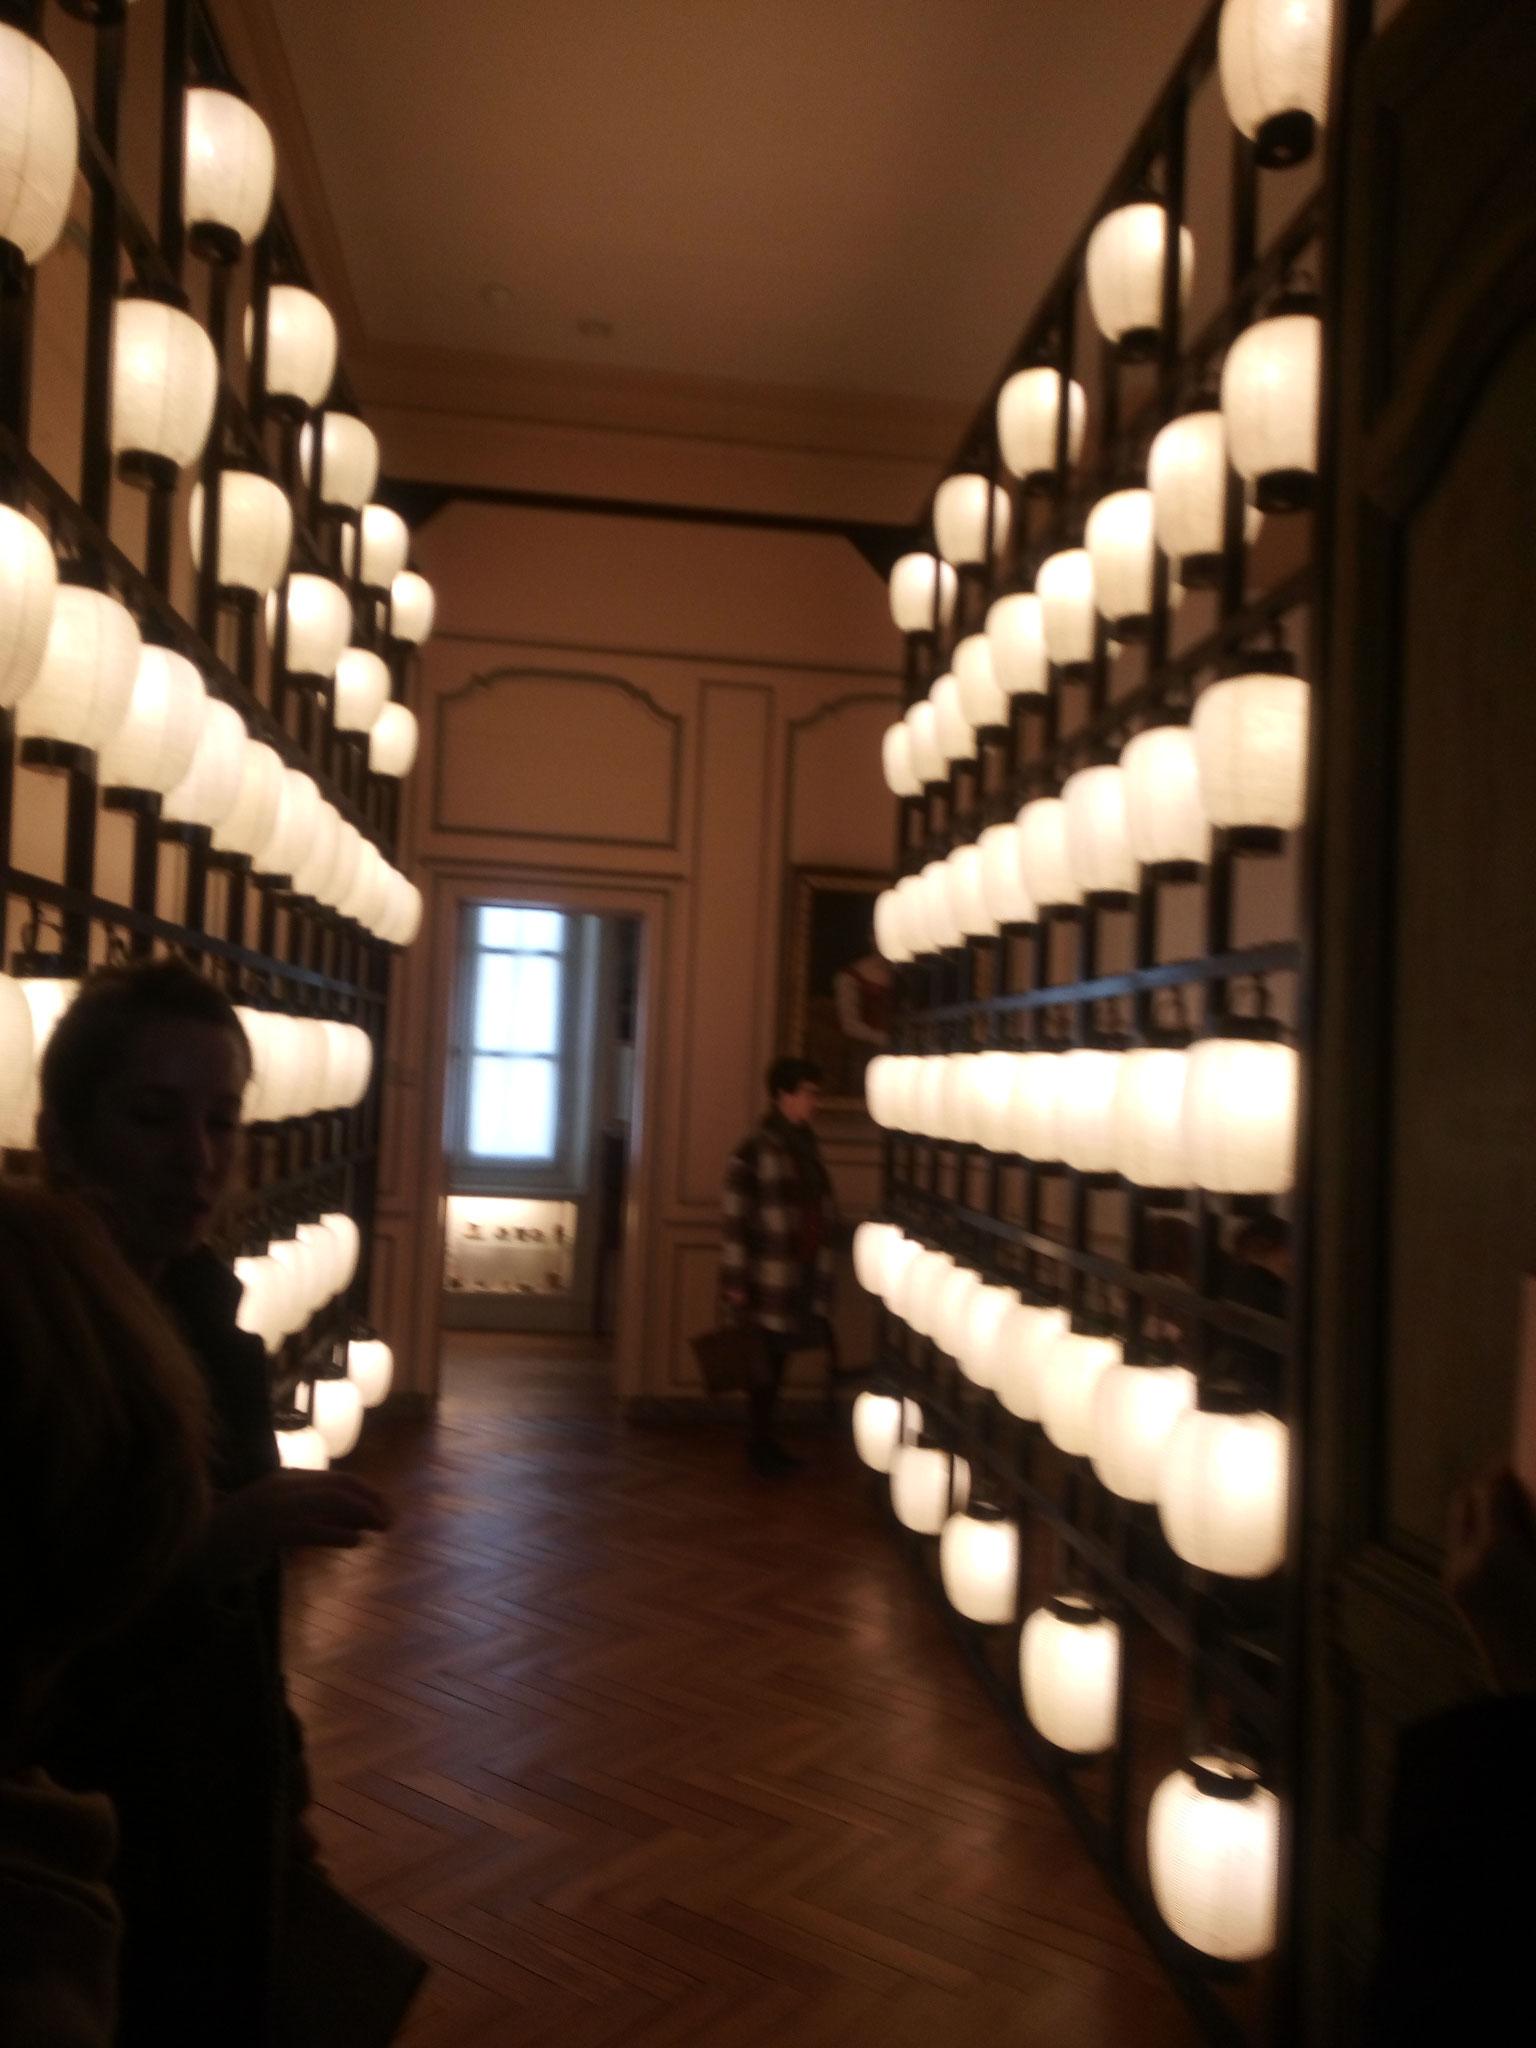 mur d'éclairage réalisé à l'aide de nombreuses lanternes